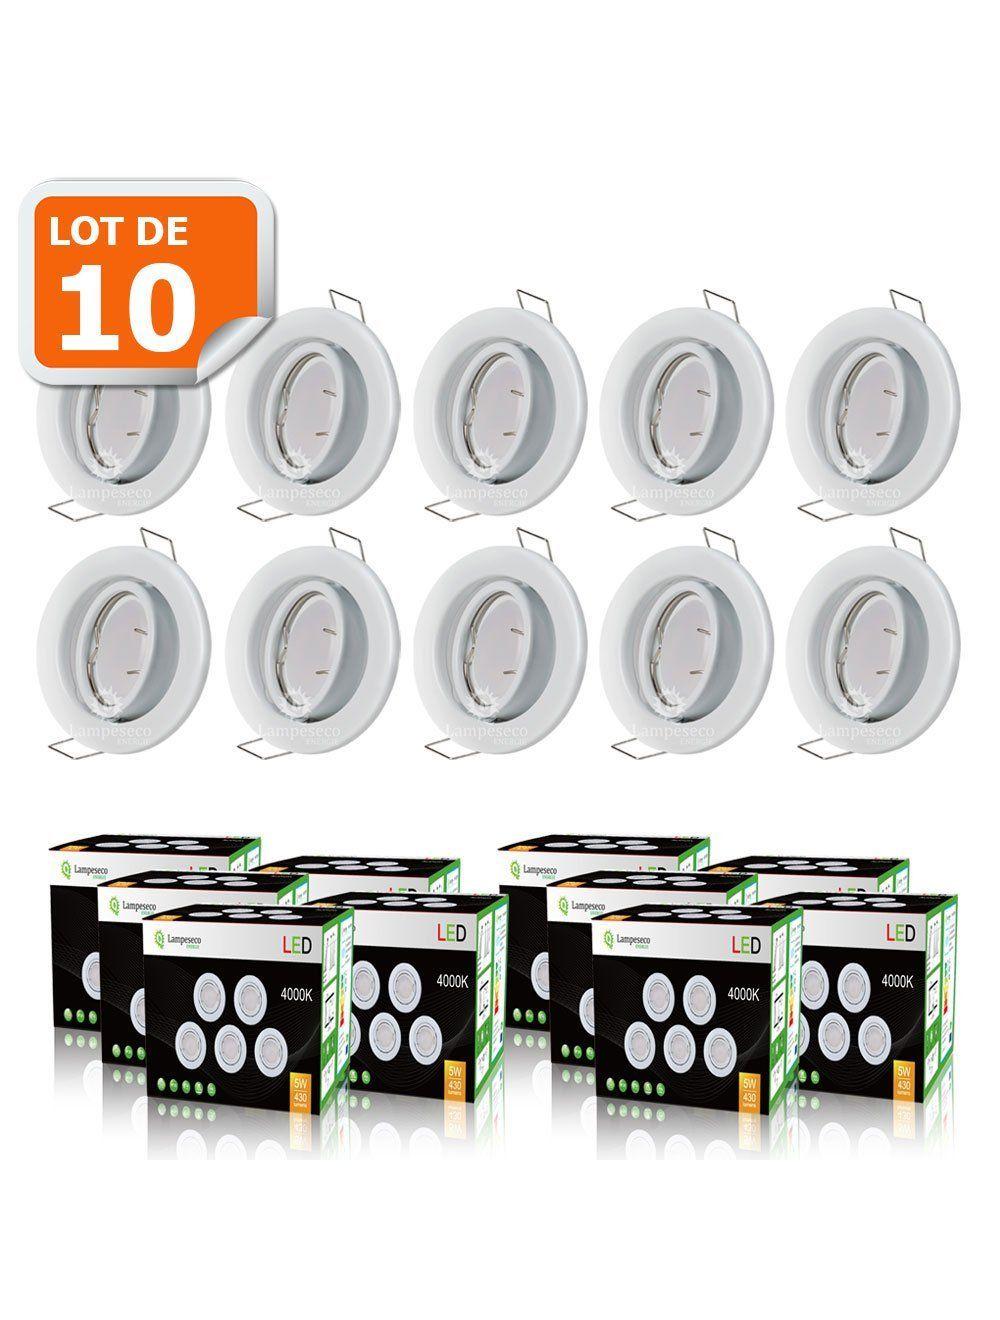 Lot De 10 Spot Led Encastrable Complete Fixe Blanc Avec Ampoule Gu10 230v Eq 50w Blanc Froid 6000k